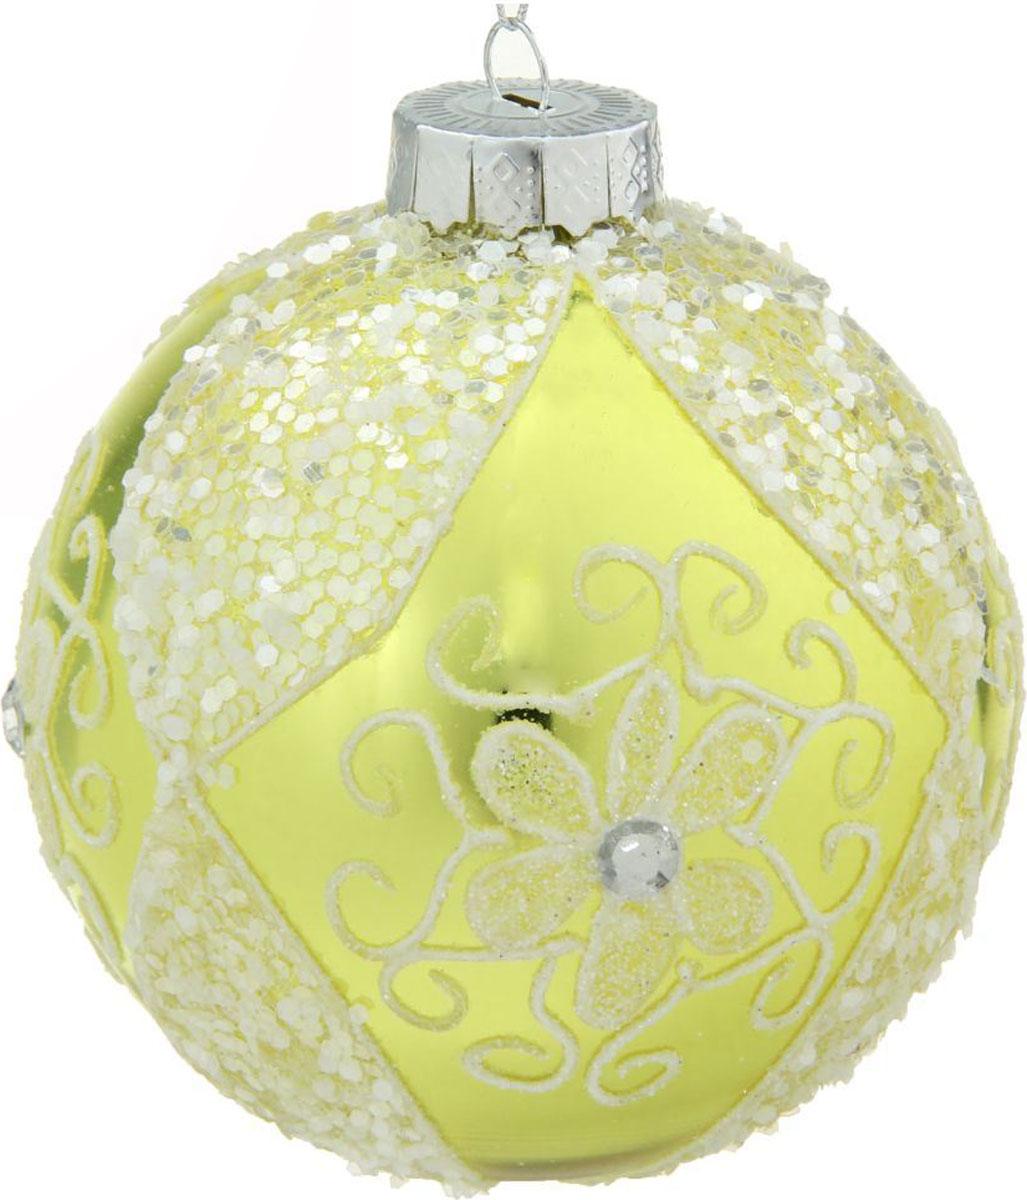 Новогоднее подвесное украшение Sima-land Цветок узорный, диаметр 10 см новогоднее подвесное украшение sima land зимний узор диаметр 8 см